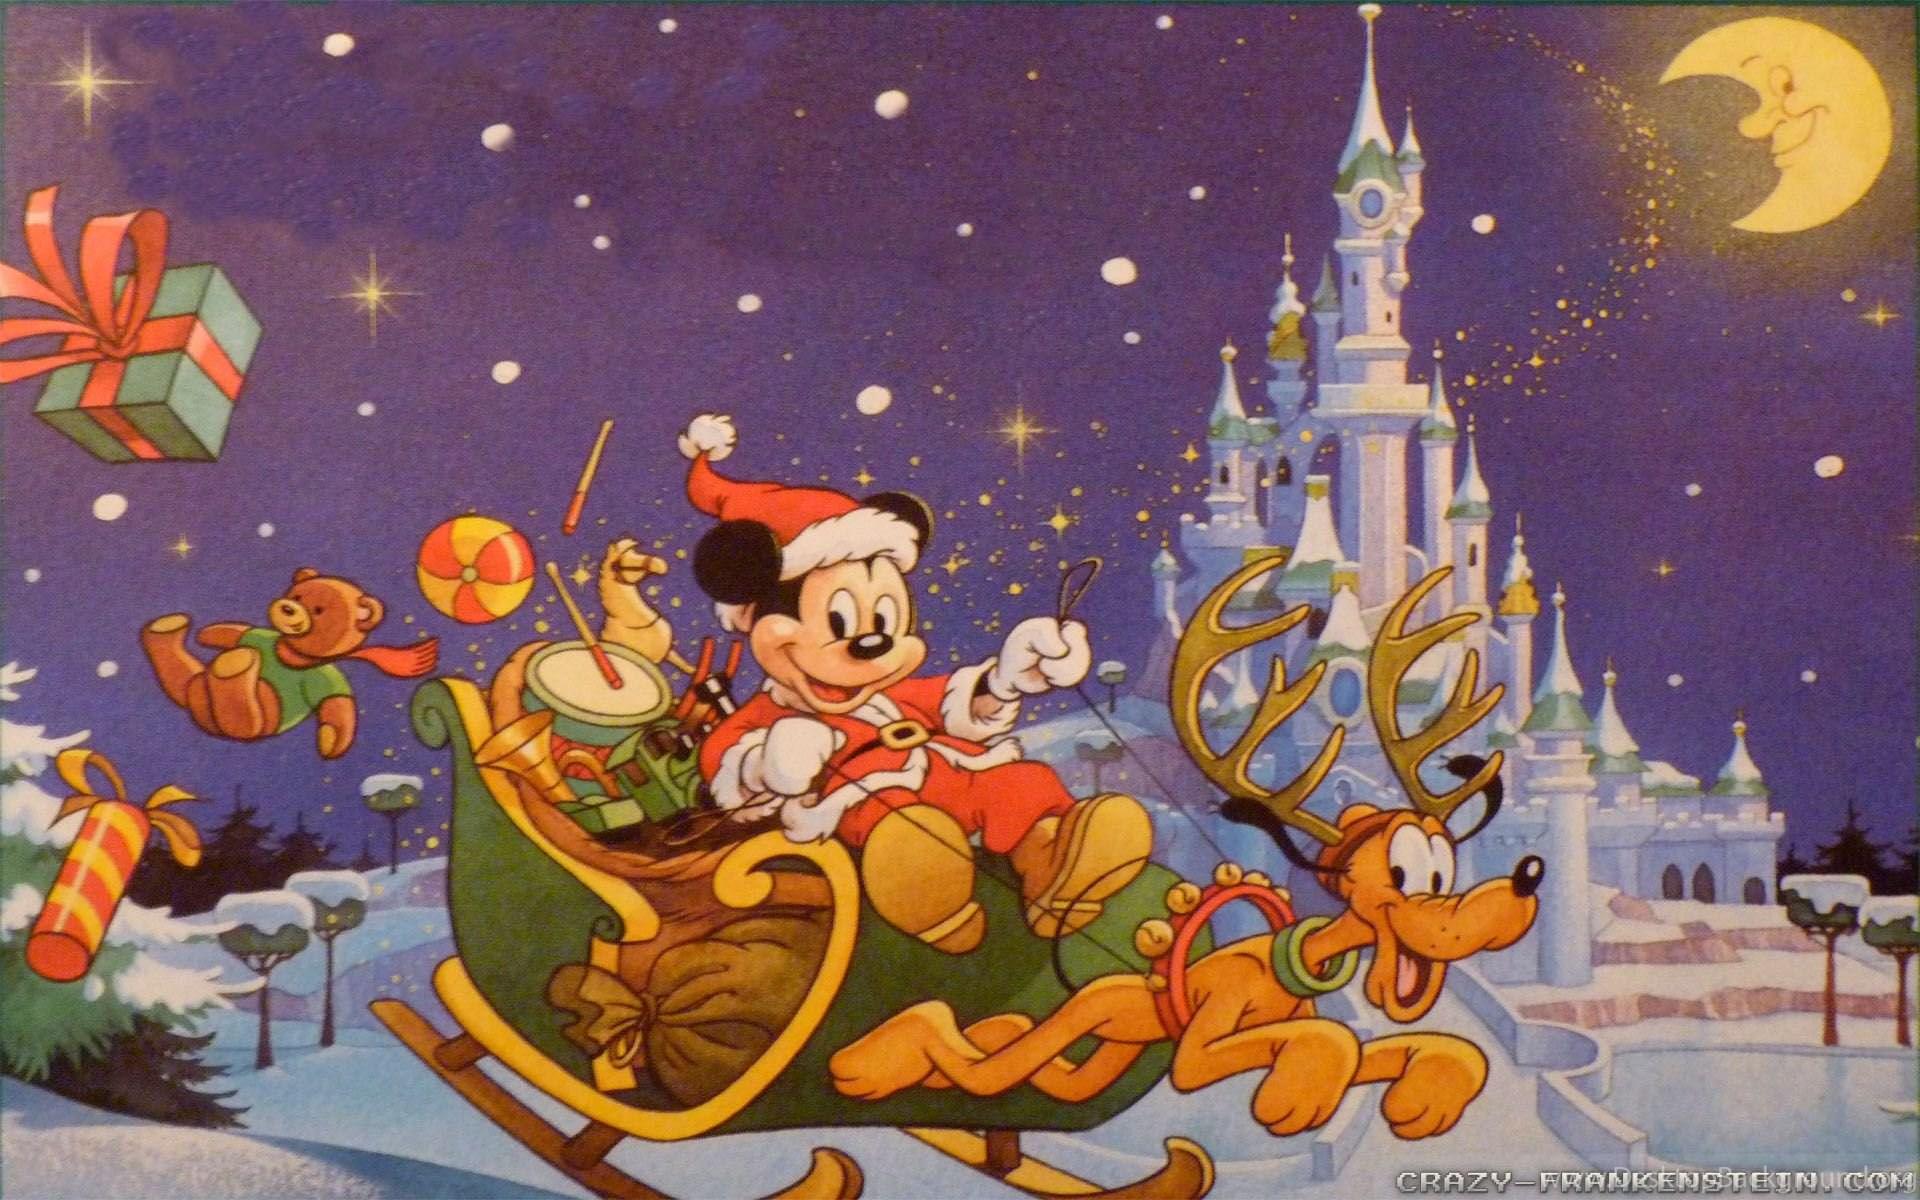 Disney Christmas Wallpaper Hd Widescreen 3.jpg Desktop